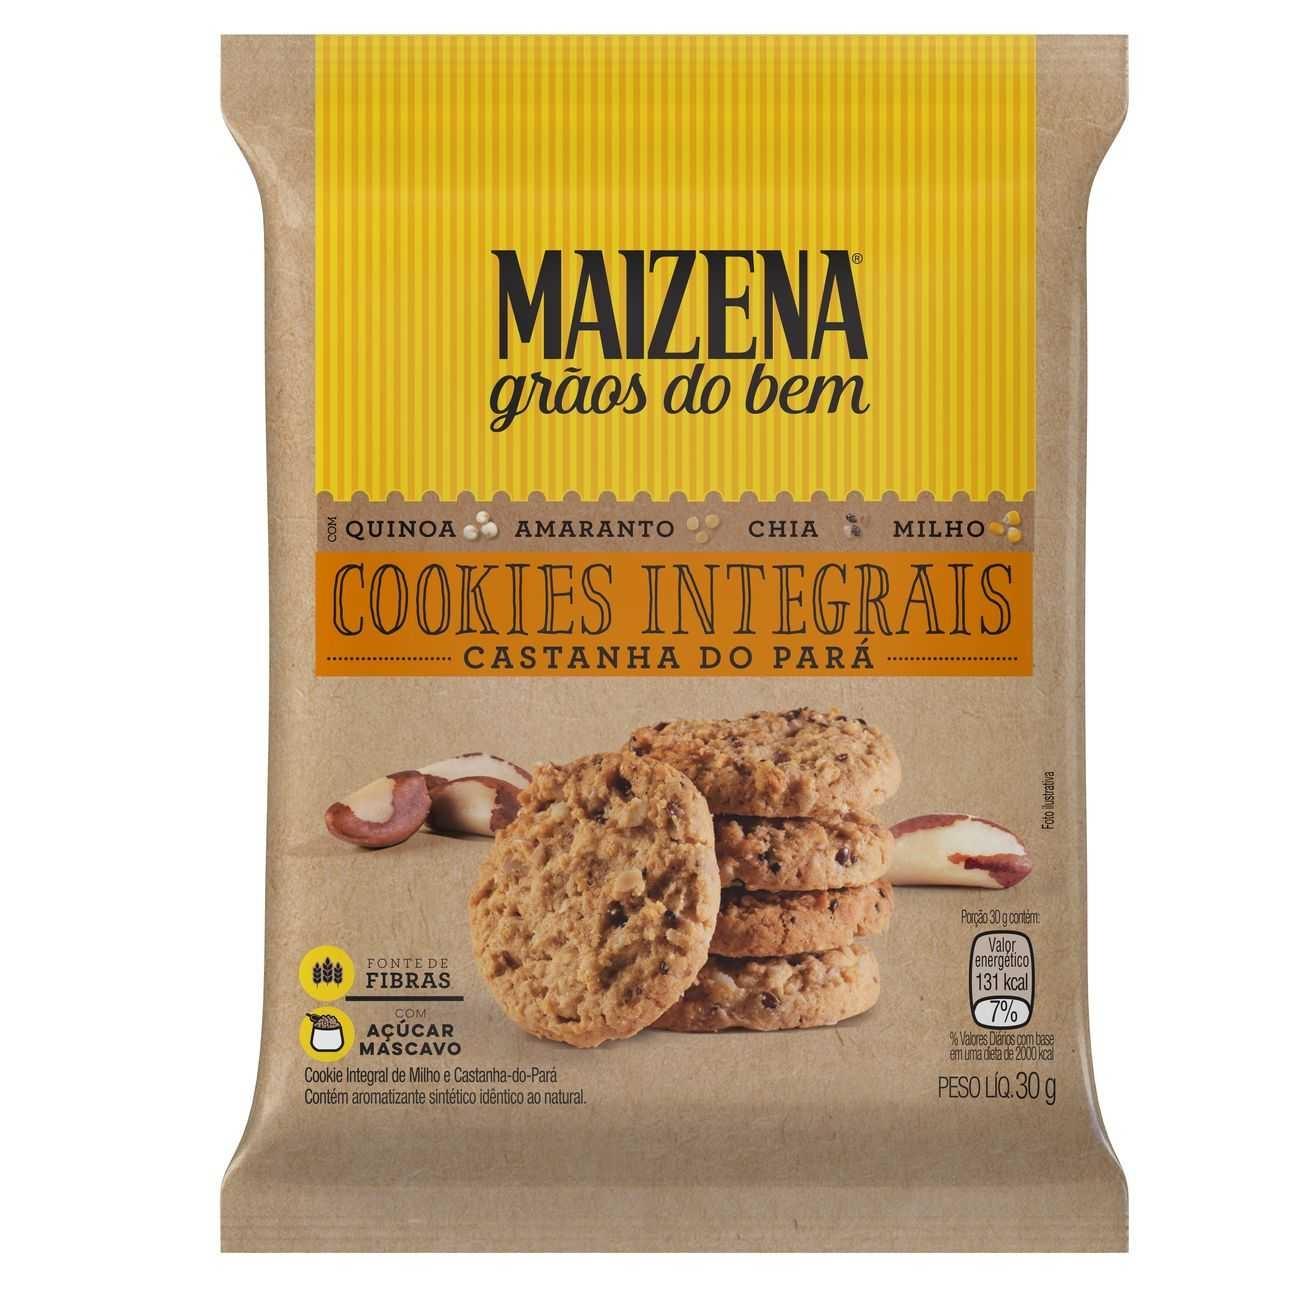 Cookies Integrais Maizena Castanha do Pará 30g